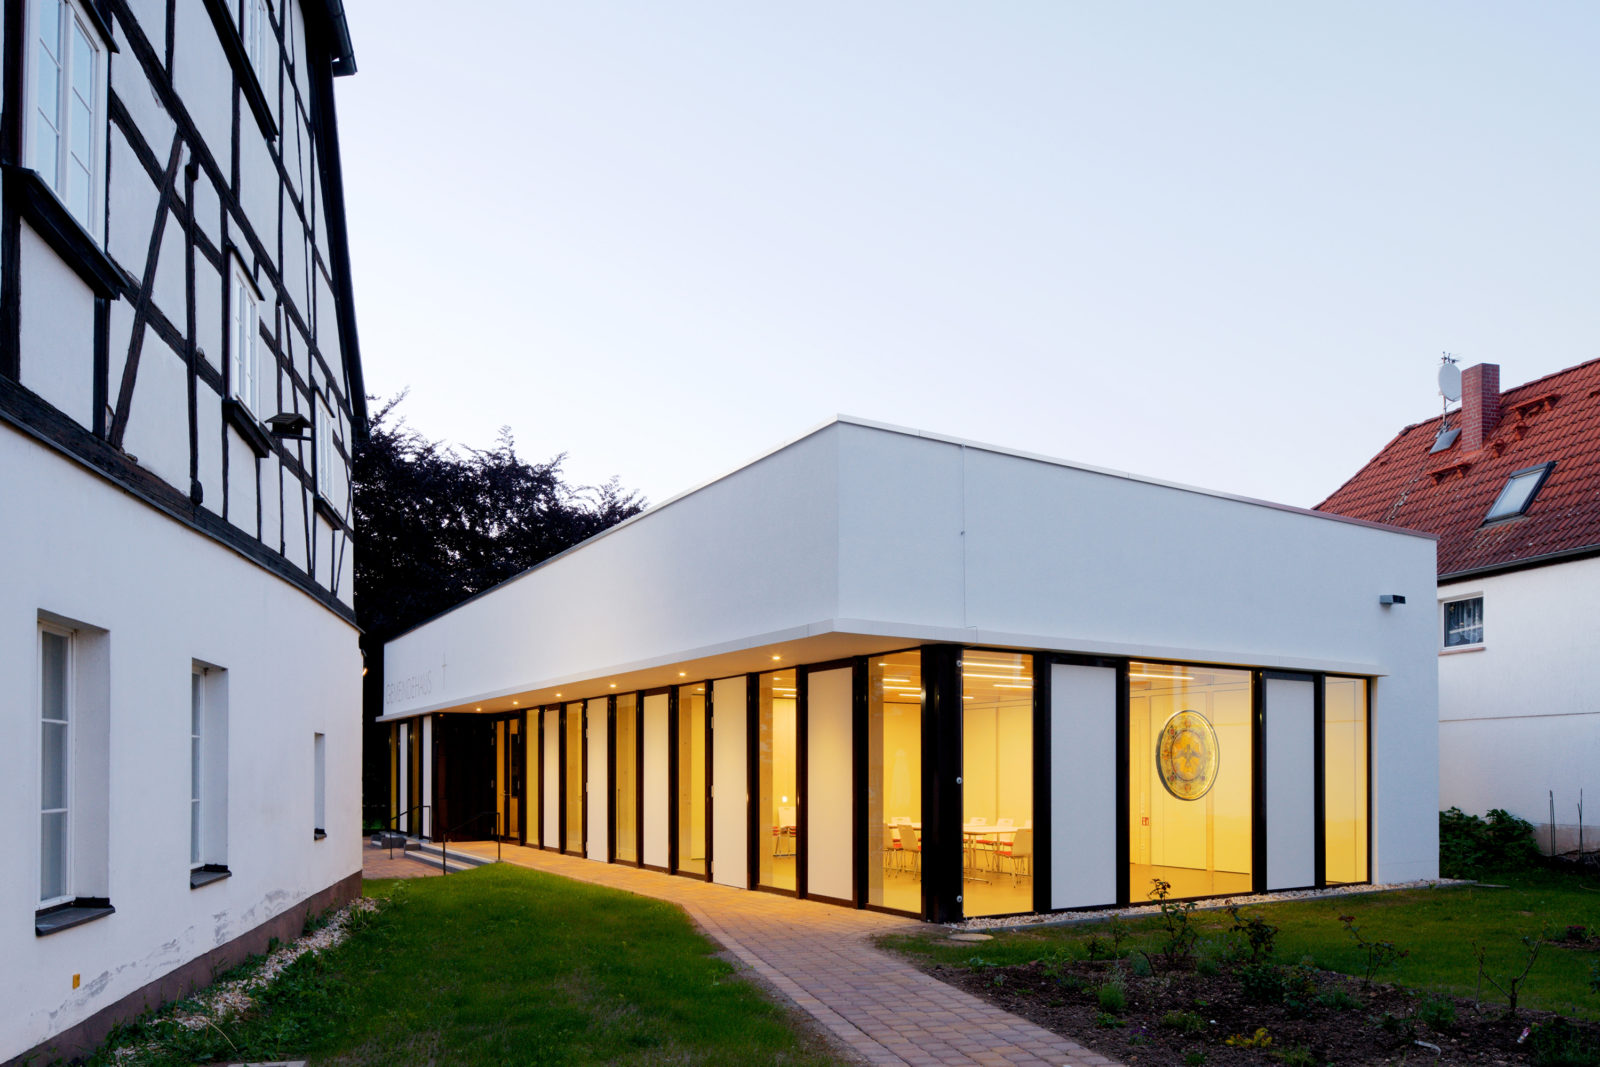 Neubau Gemeindehaus Hoffnungskirchgemeinde in Leipzig, Knauthain - Eingangsbereich